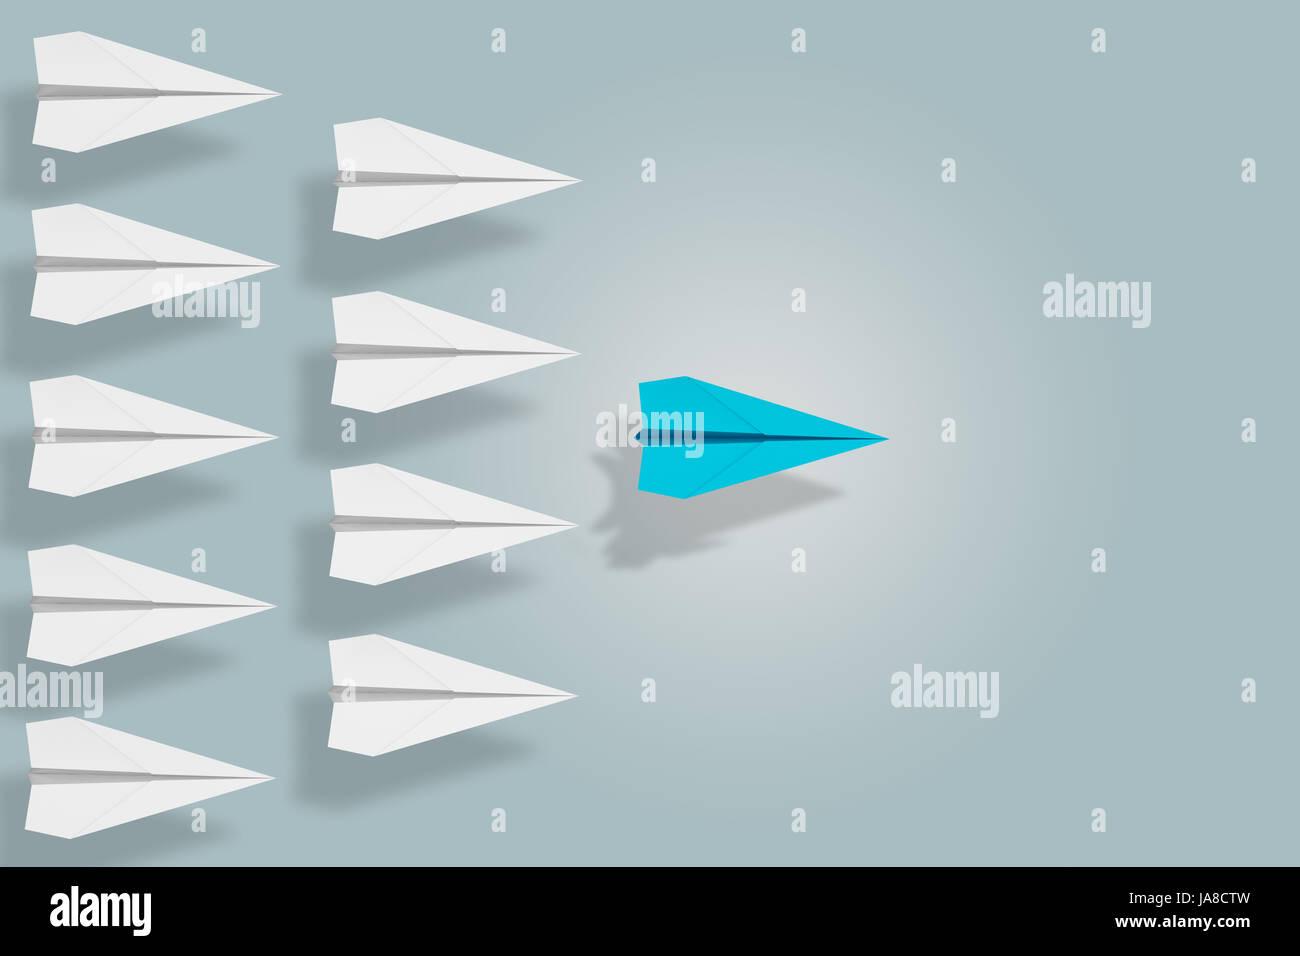 Führung und Ehrgeiz Konzept mit Papierflieger. 3D-Rendering Stockbild